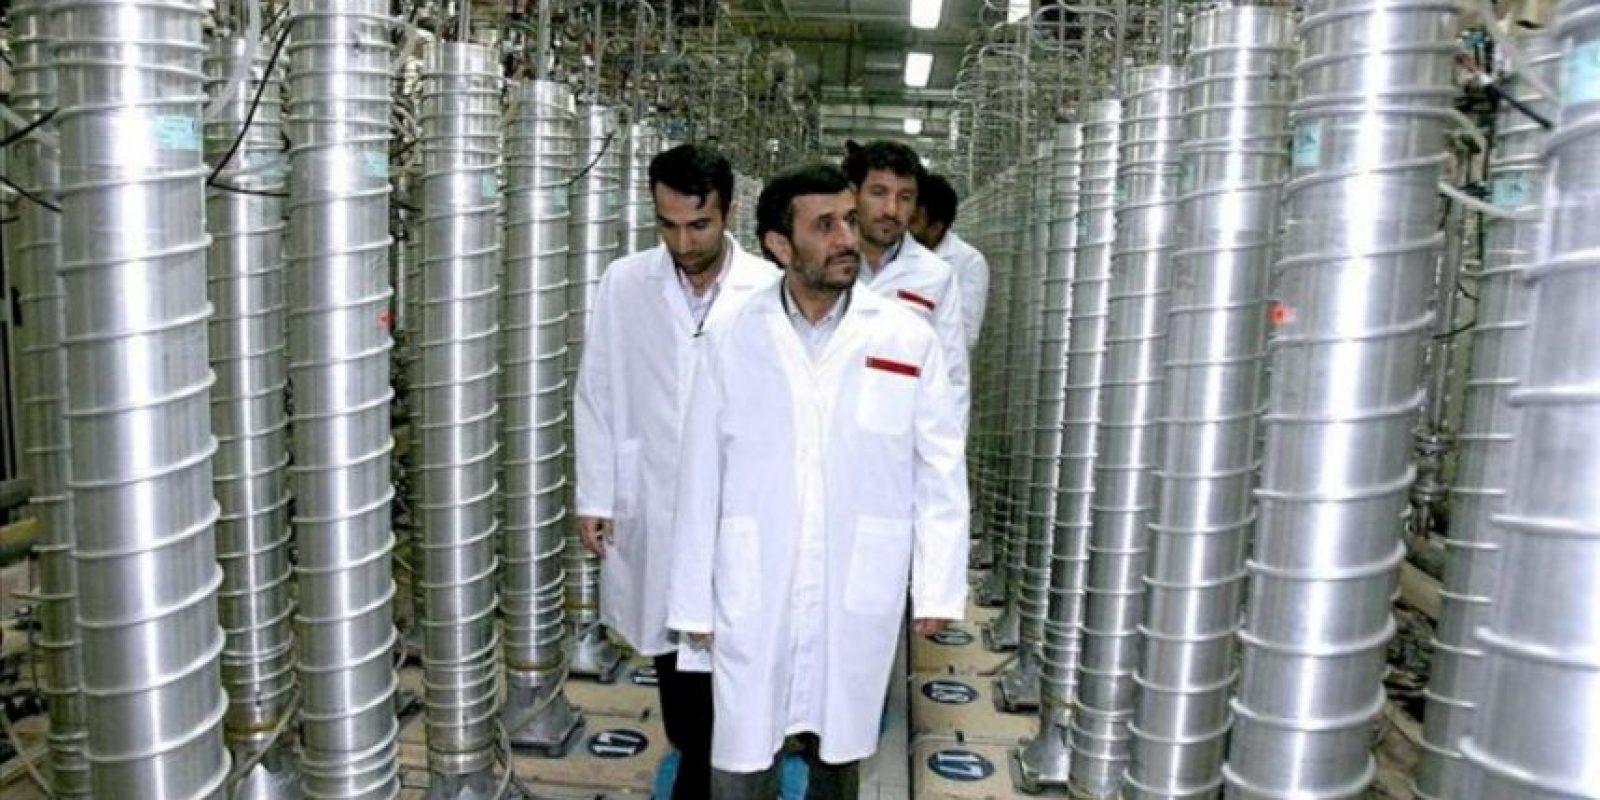 Imagen cedida por la web presidencial iraní datada el 8 de marzo del 2007 del presidente iraní, Mahmud Ahmadineyad (c), visitando la planta atómica de Natanz, Irán. EFE